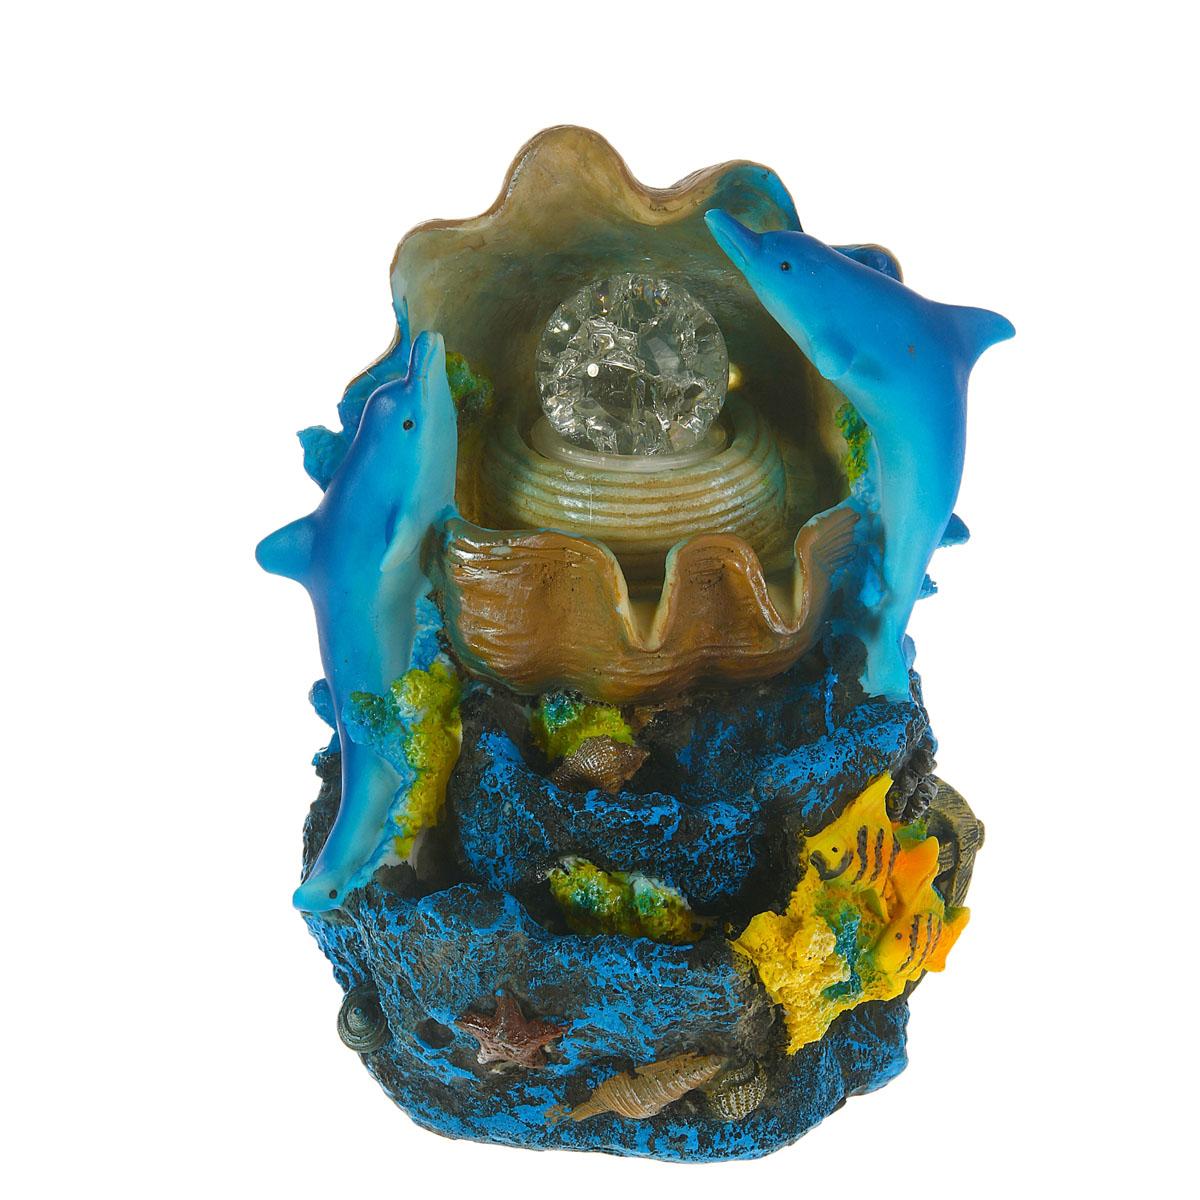 Фонтан Sima-land Морской: рыбки и ракушка851692Фонтан Sima-land Морской: рыбки и ракушка изготовлен из высококачественного полистоуна. Фонтан выполнен в виде композиции из дельфинов, рыбок и ракушки. Журчание и вид воды, стекающей струями из миниатюрного фонтана, могут изменить облик вашего дома и сада, создавая атмосферу покоя. Вода в фонтане циркулирует при помощи электрического погружного центробежного насоса, входящего в комплект. Интерьерный фонтан хорошо увлажняет воздух, благотворно воздействуя на наш организм и создавая здоровый климат. УВАЖАЕМЫЕ КЛИЕНТЫ! Обращаем ваше внимание на то, что фонтан работает от сети 220V.